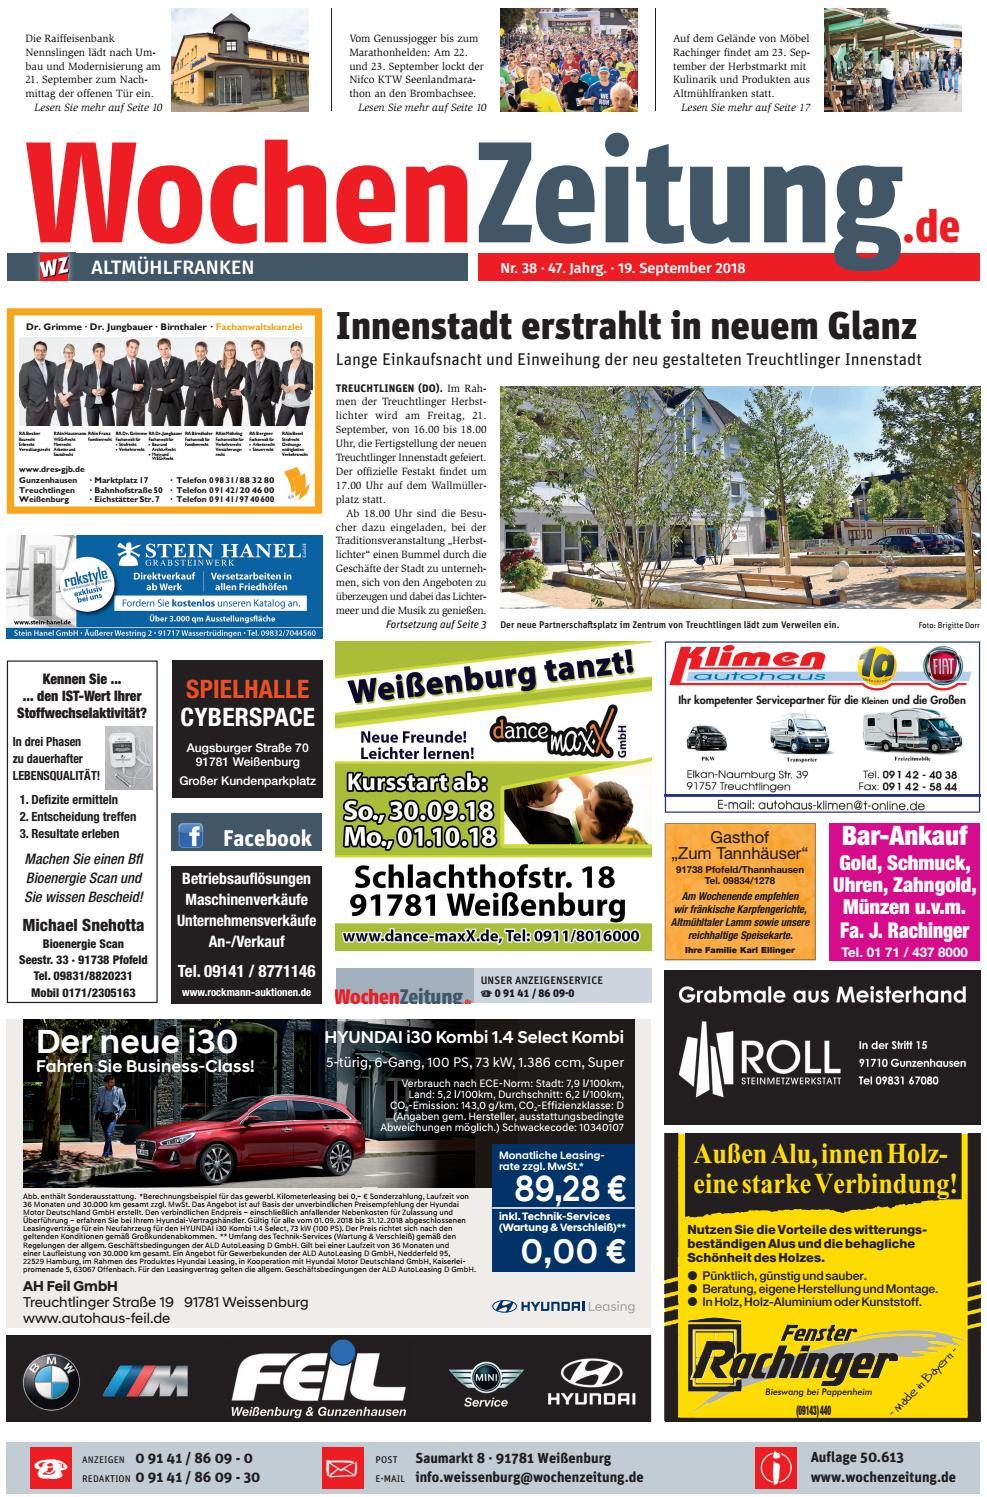 Wochenzeitung Altmuhlfranken Kw 38 18